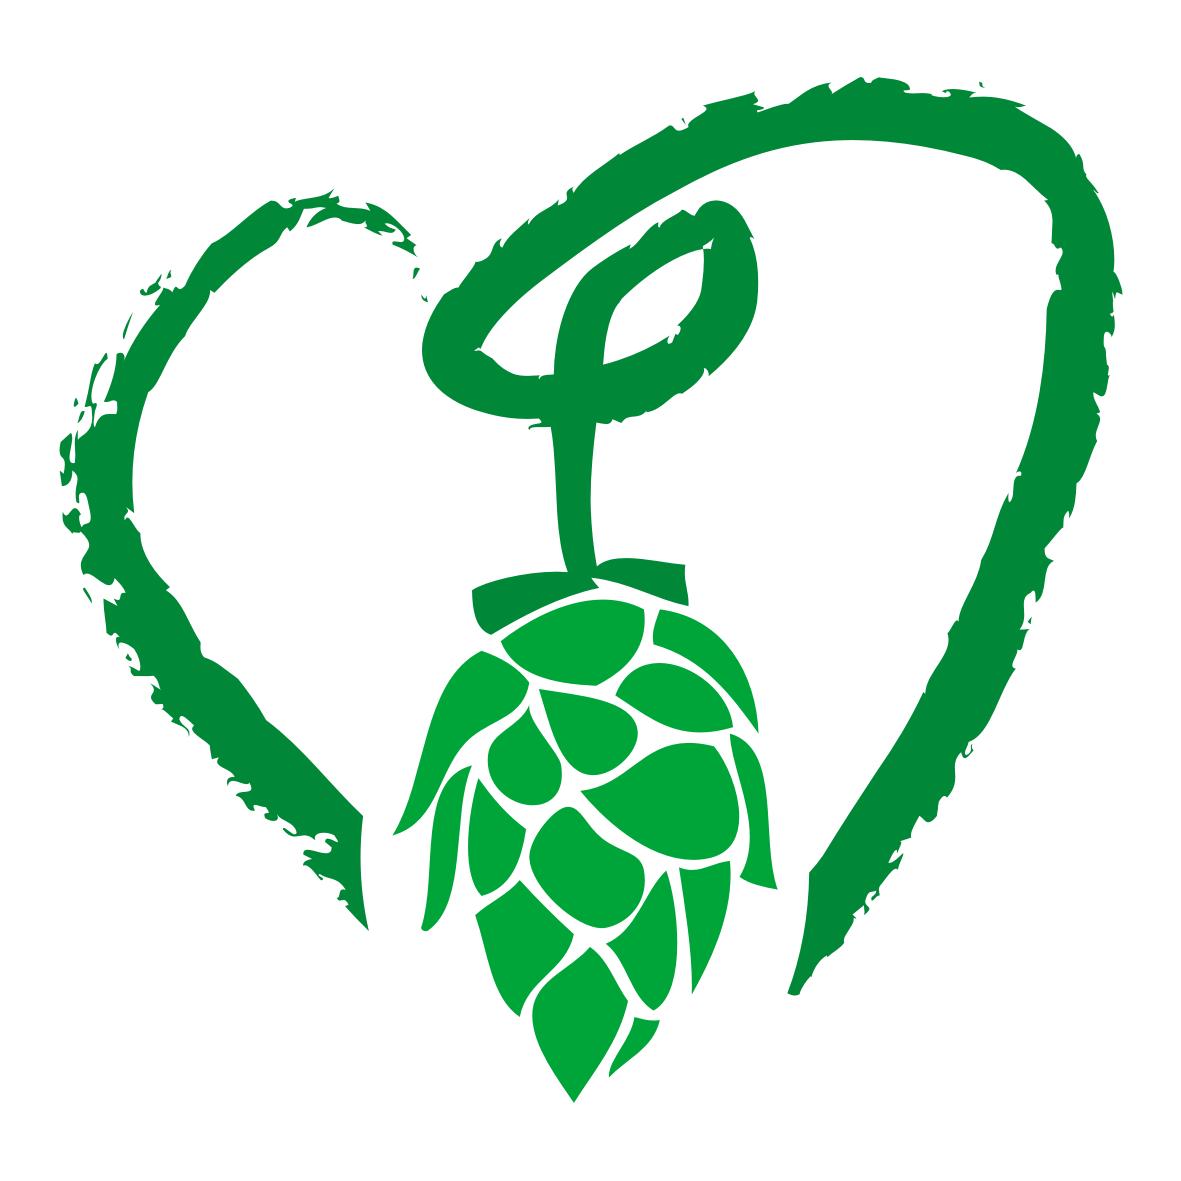 Obraz na stronie logo_chmielnik_wer_zielona_03.png